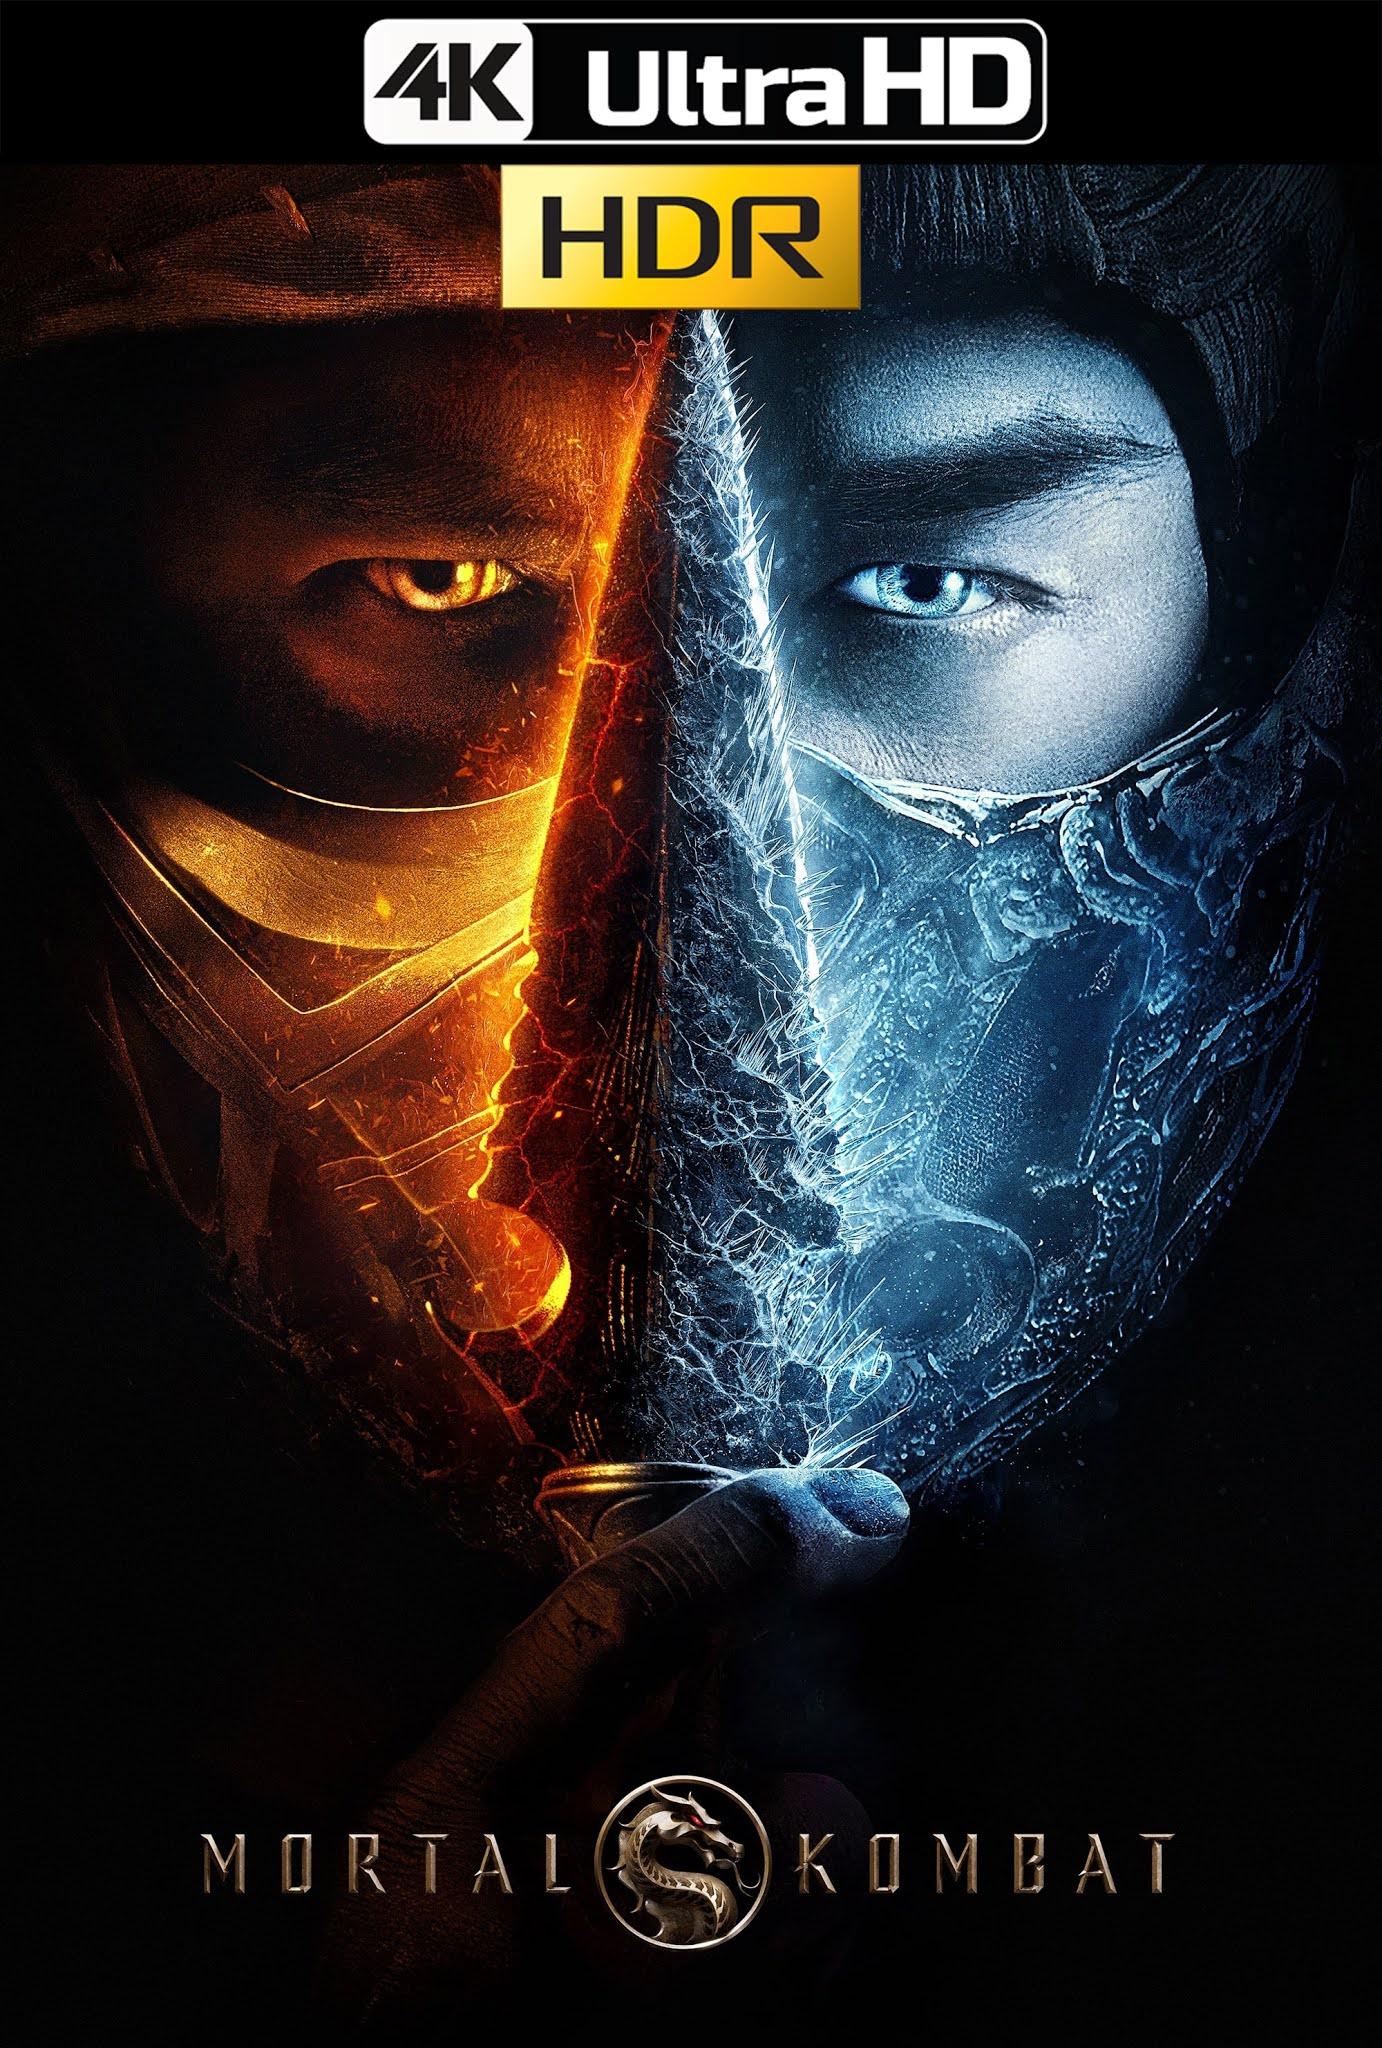 Mortal Kombat (2021) HMAX 4K WEB-DL 2160p Latino